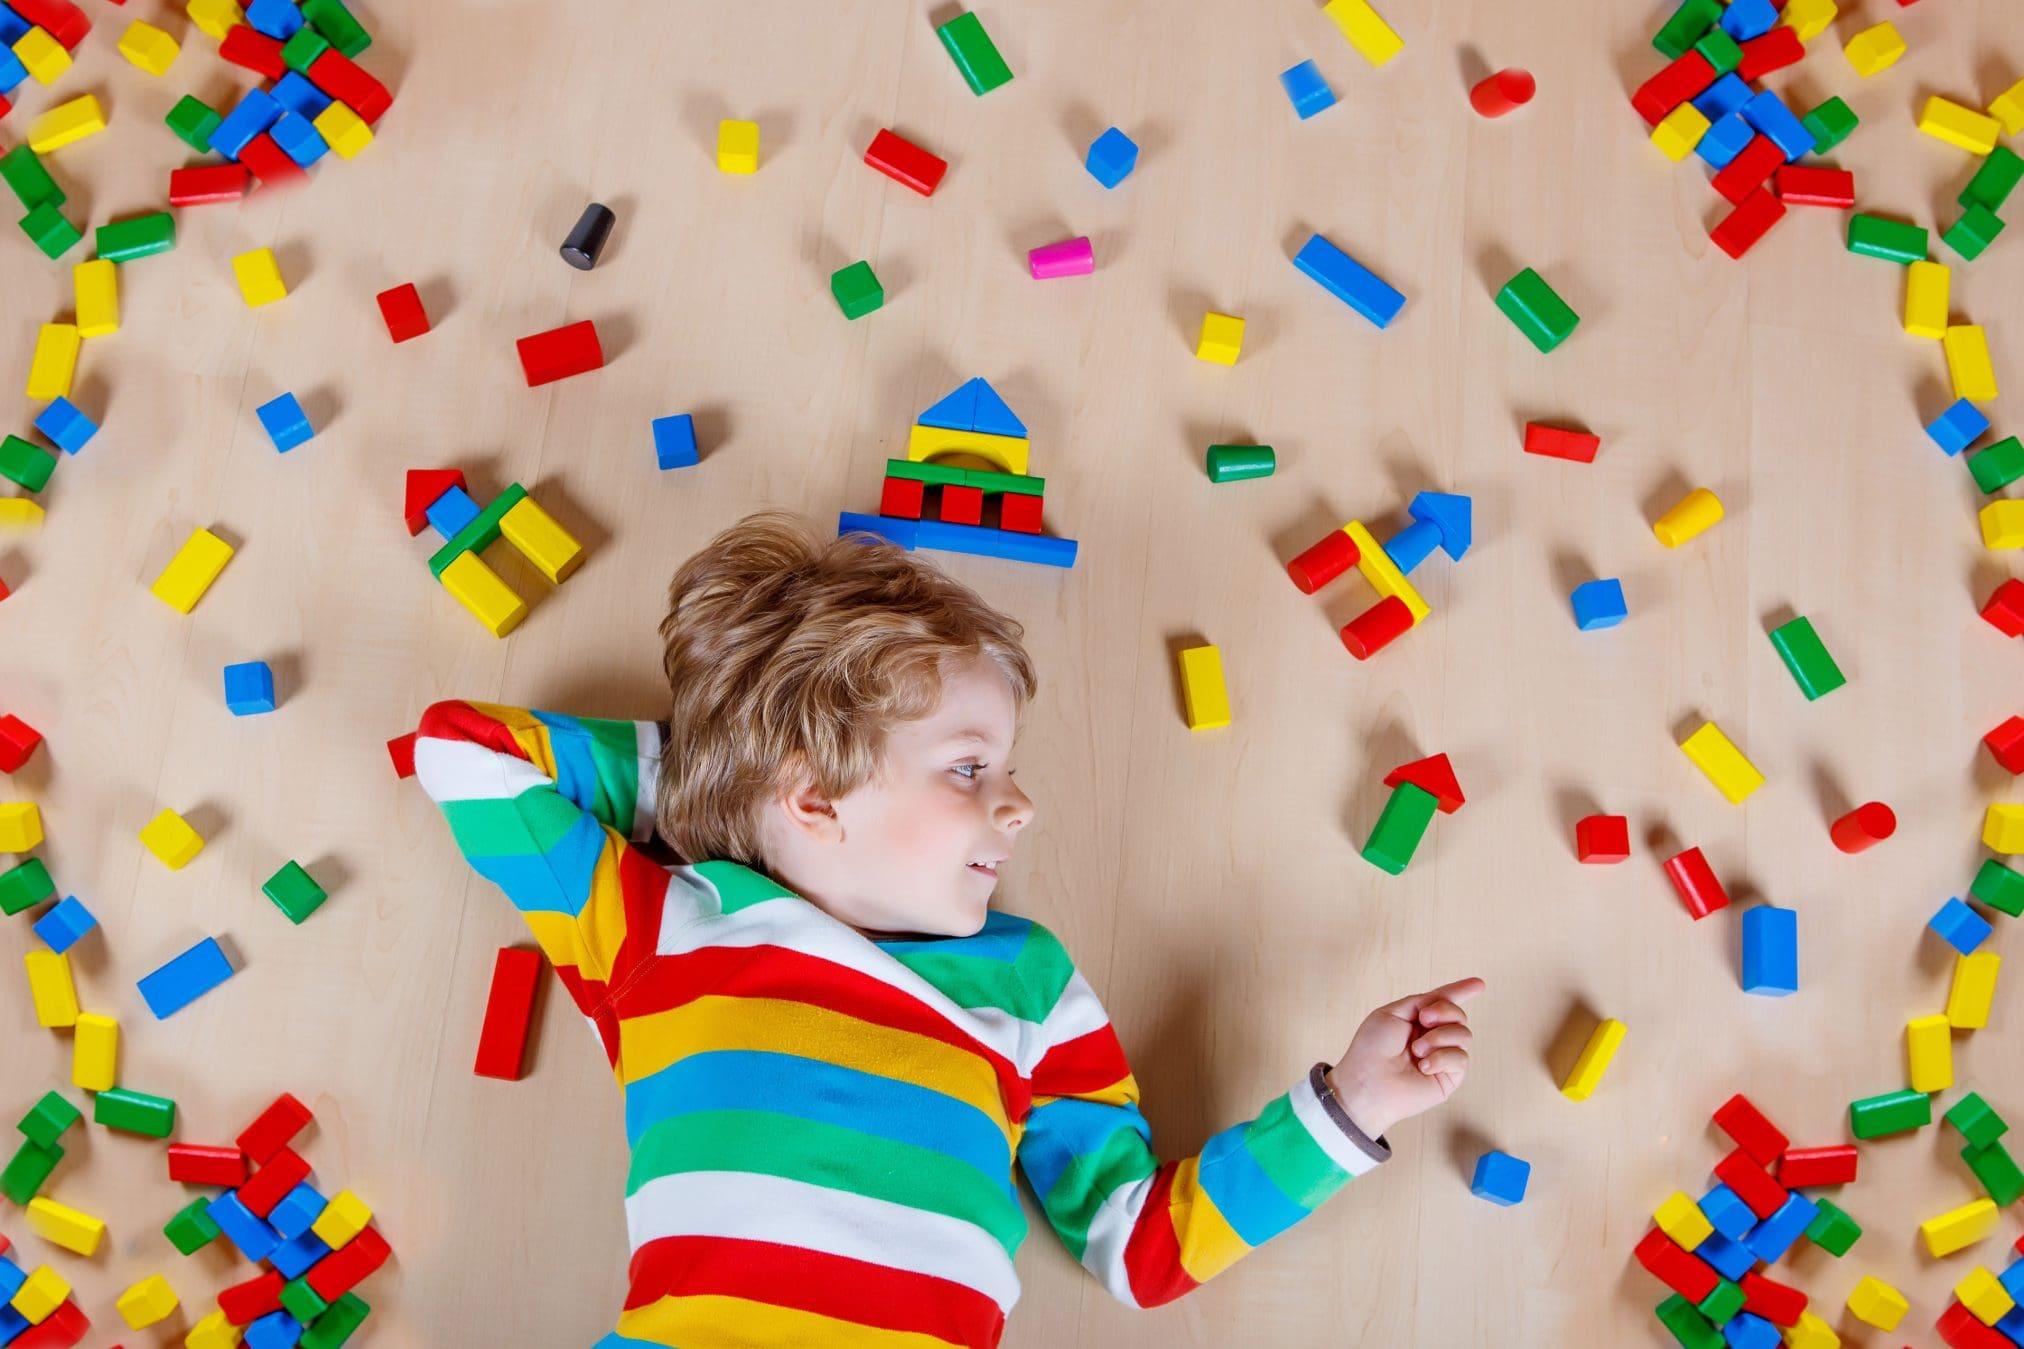 tratamento para criança autista